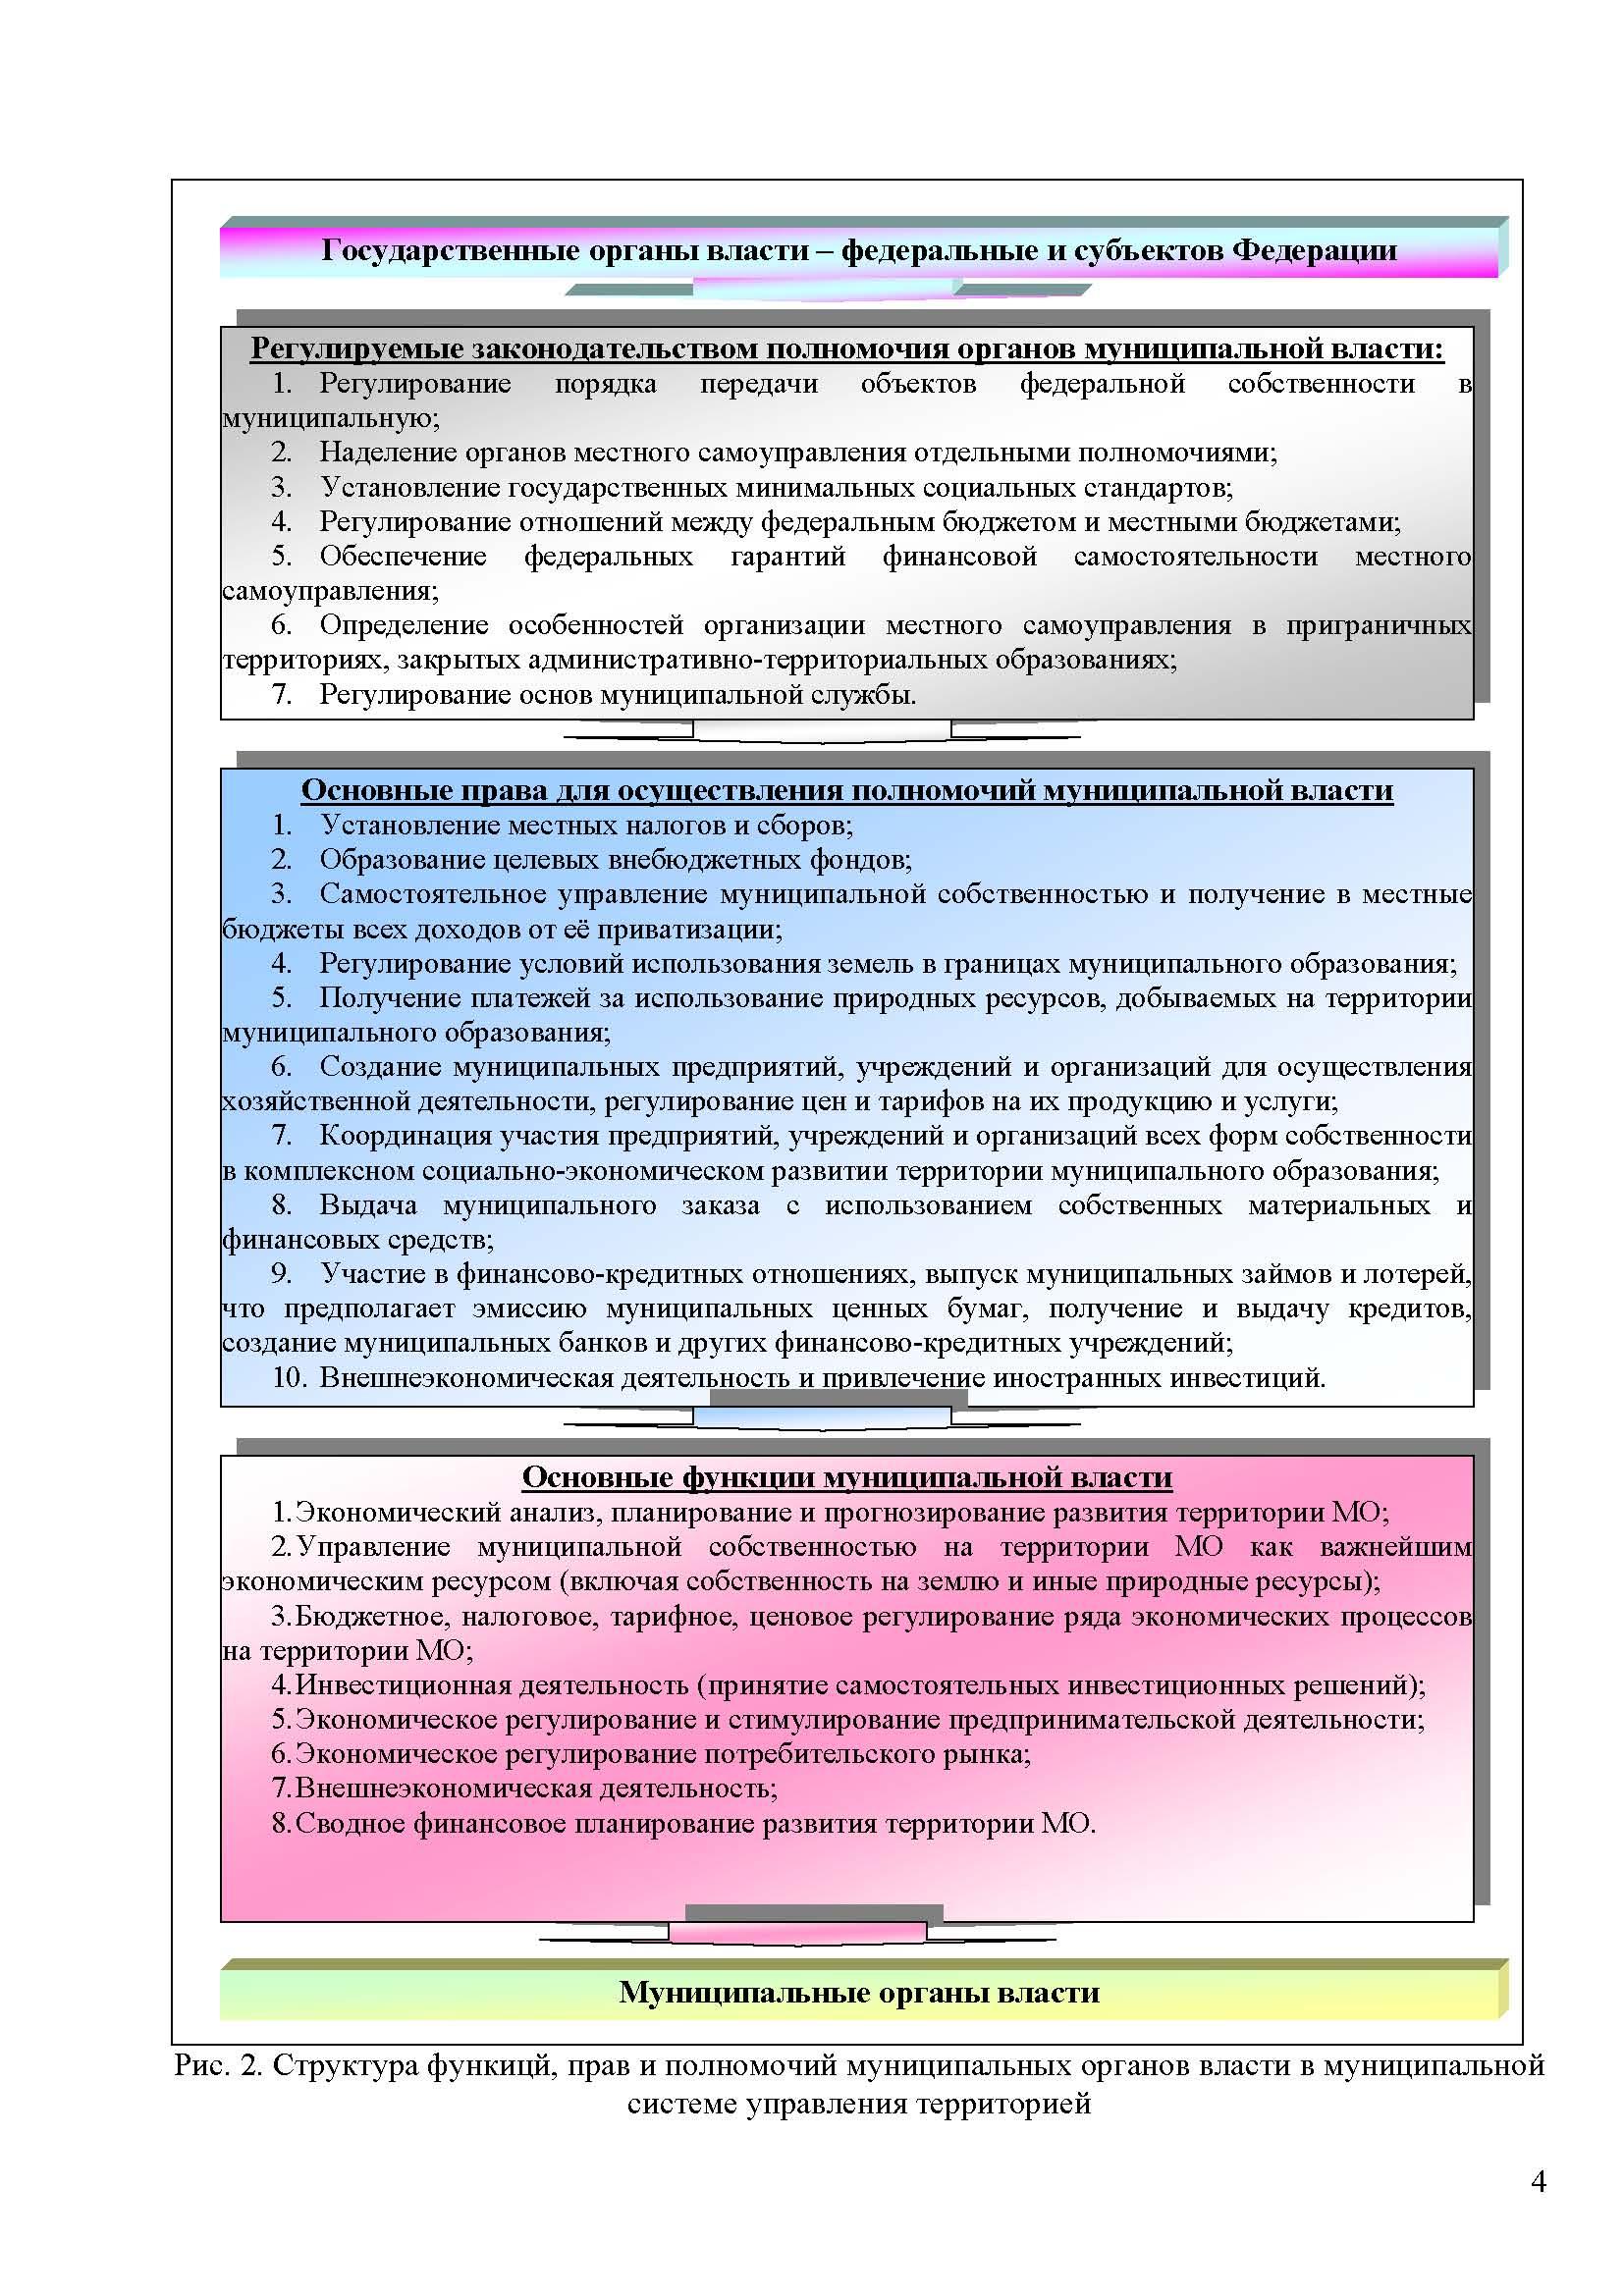 планирование и управление бюджетом муниципального образования